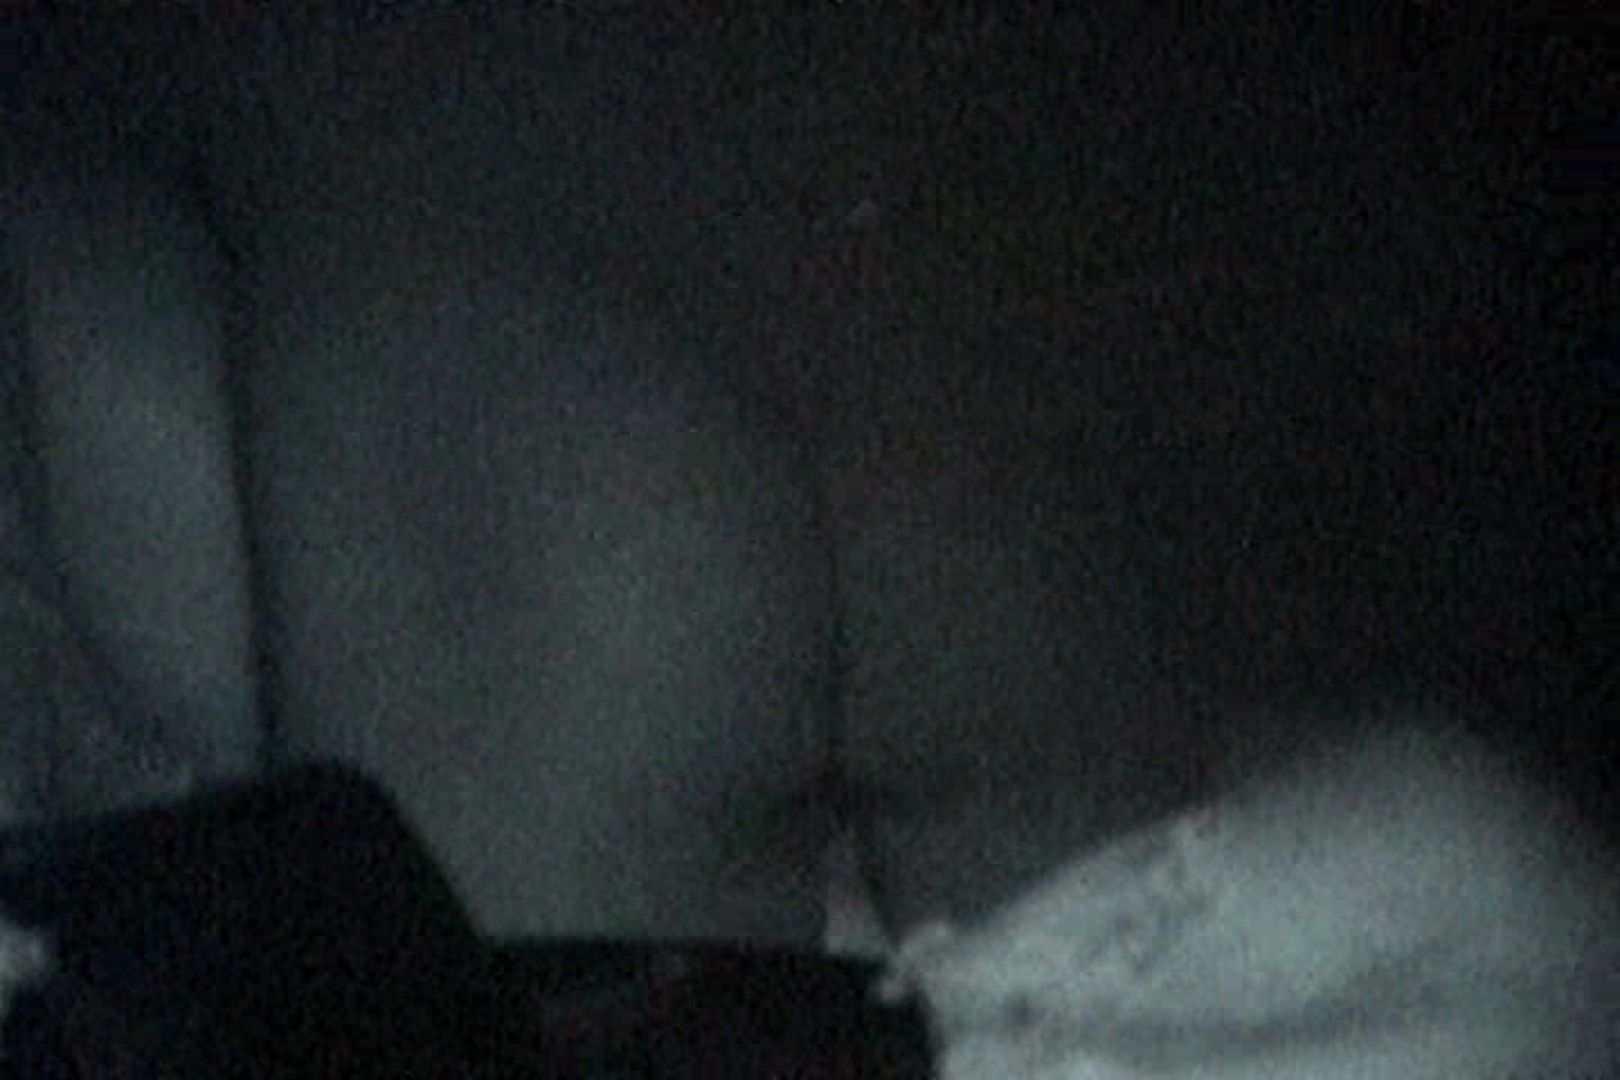 充血監督の深夜の運動会Vol.148 エロティックなOL | 車の中のカップル  88画像 16